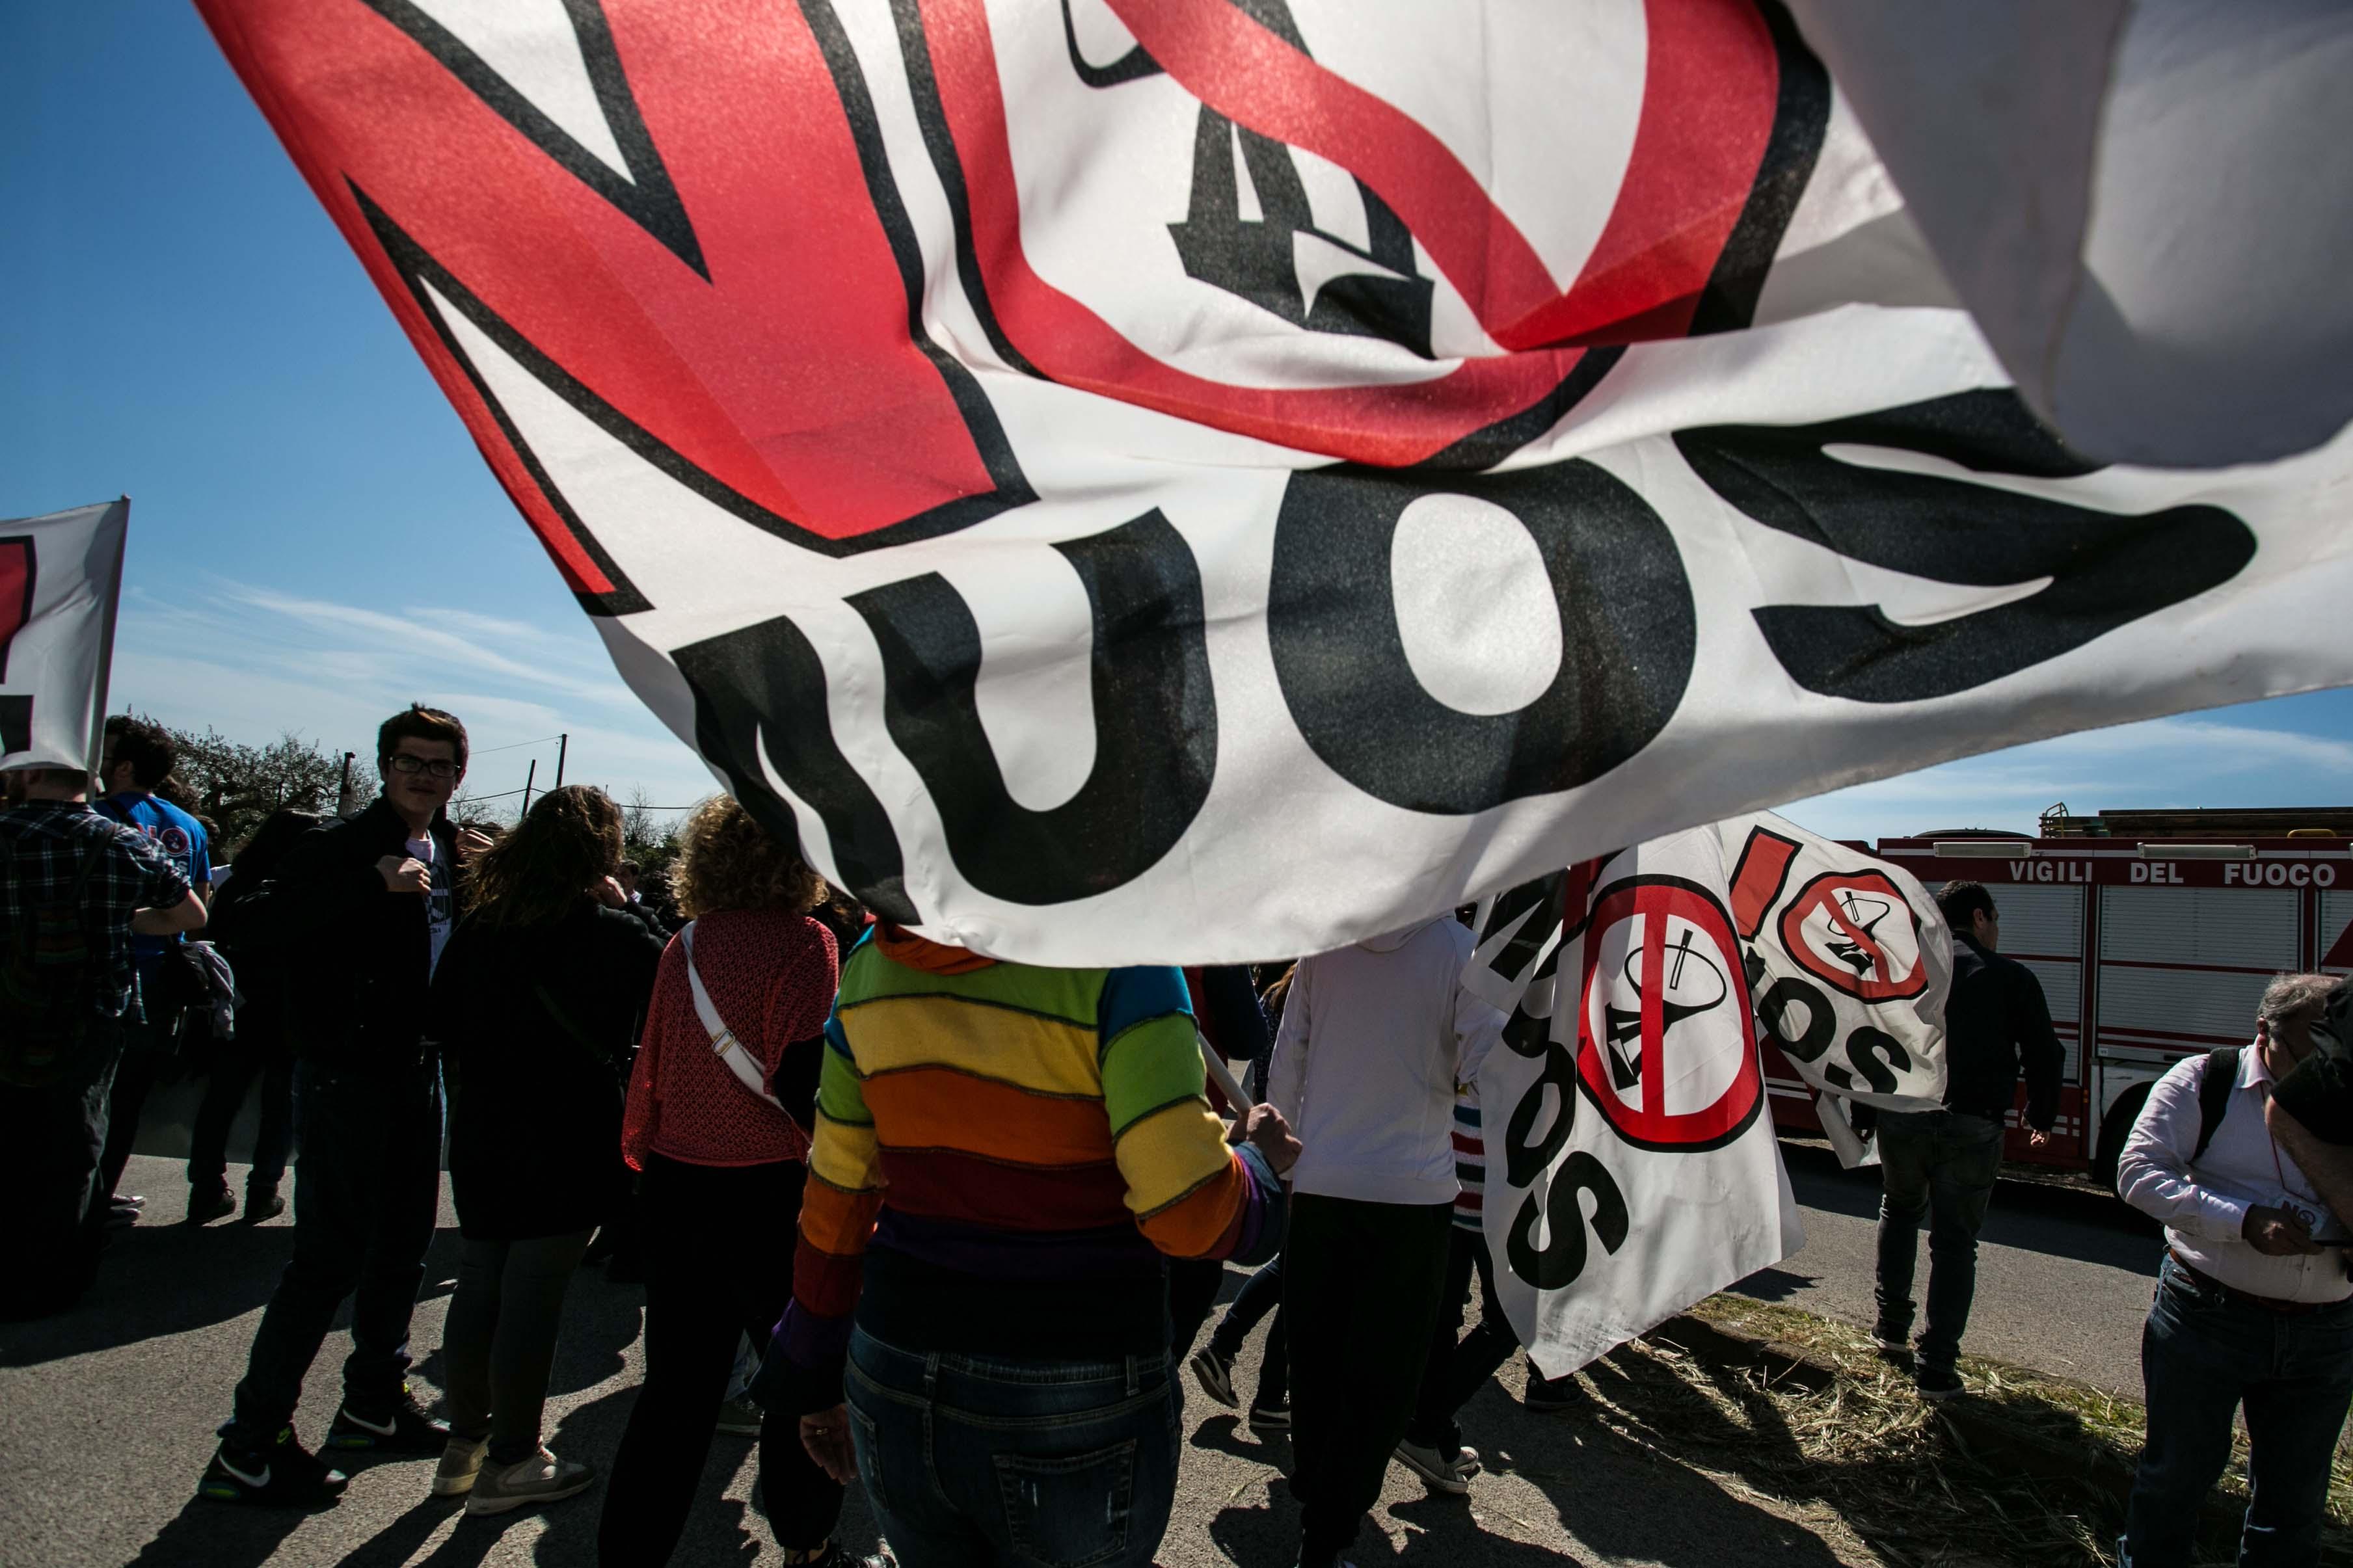 15 Maggio: NO MUOS in piazza contro la schiavitù della Sicilia